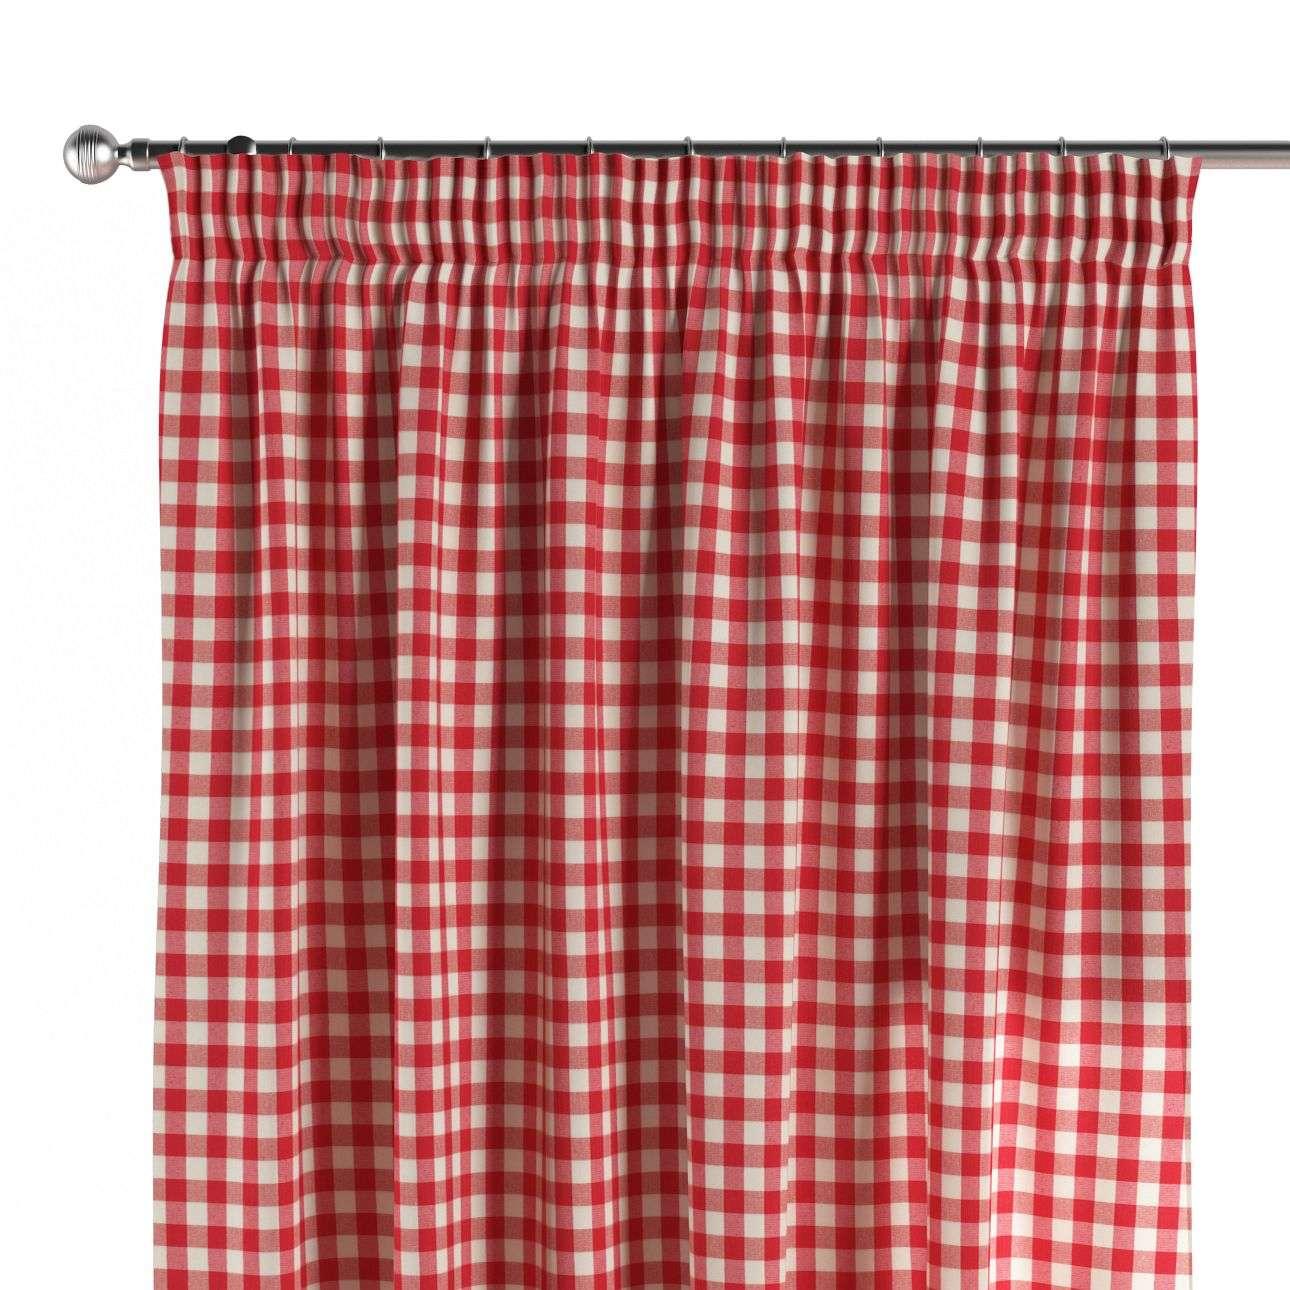 Vorhang mit Kräuselband 130 x 260 cm von der Kollektion Quadro, Stoff: 136-16